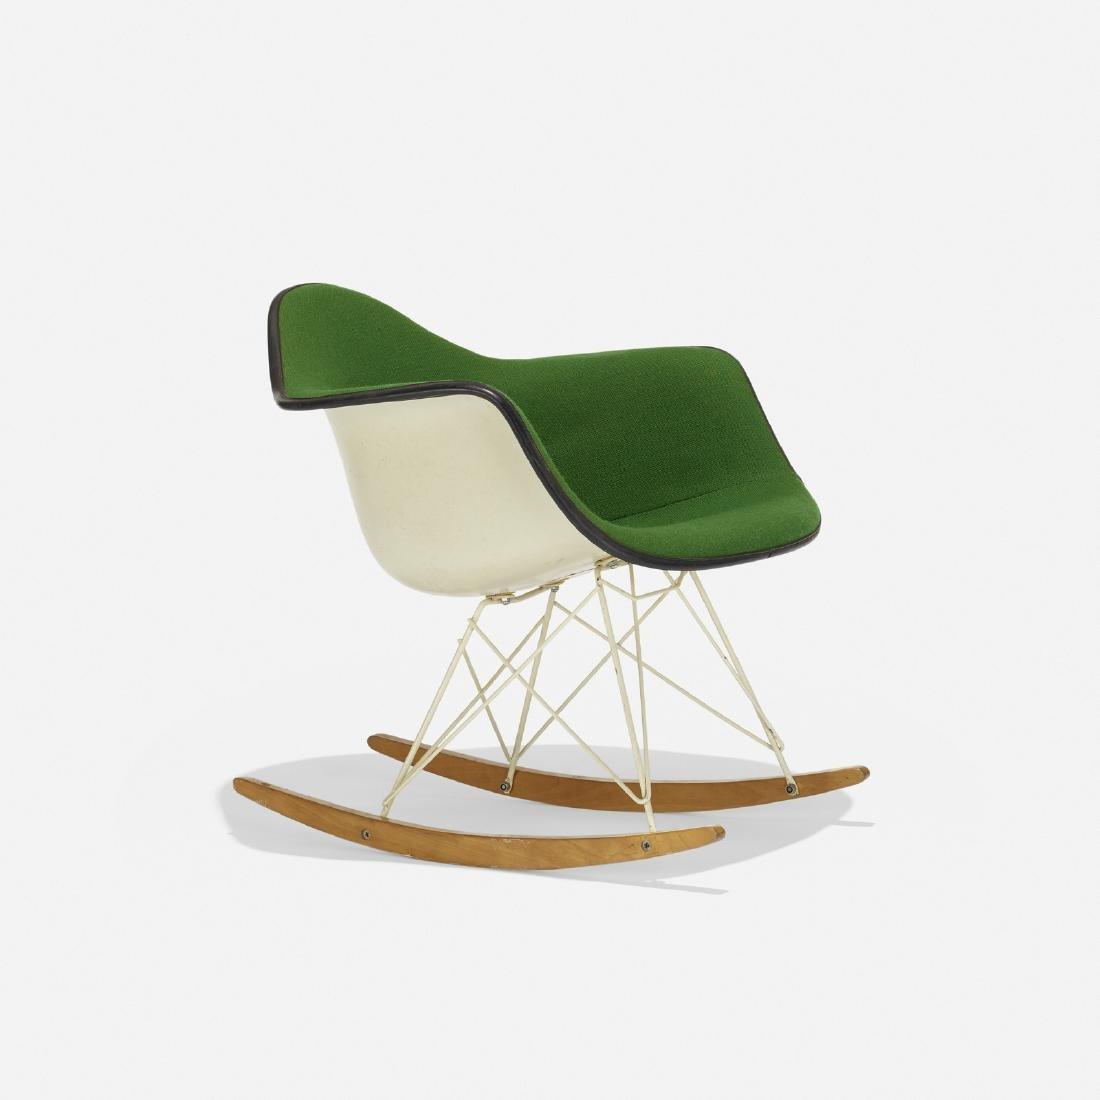 Charles and Ray Eames, RAR-1